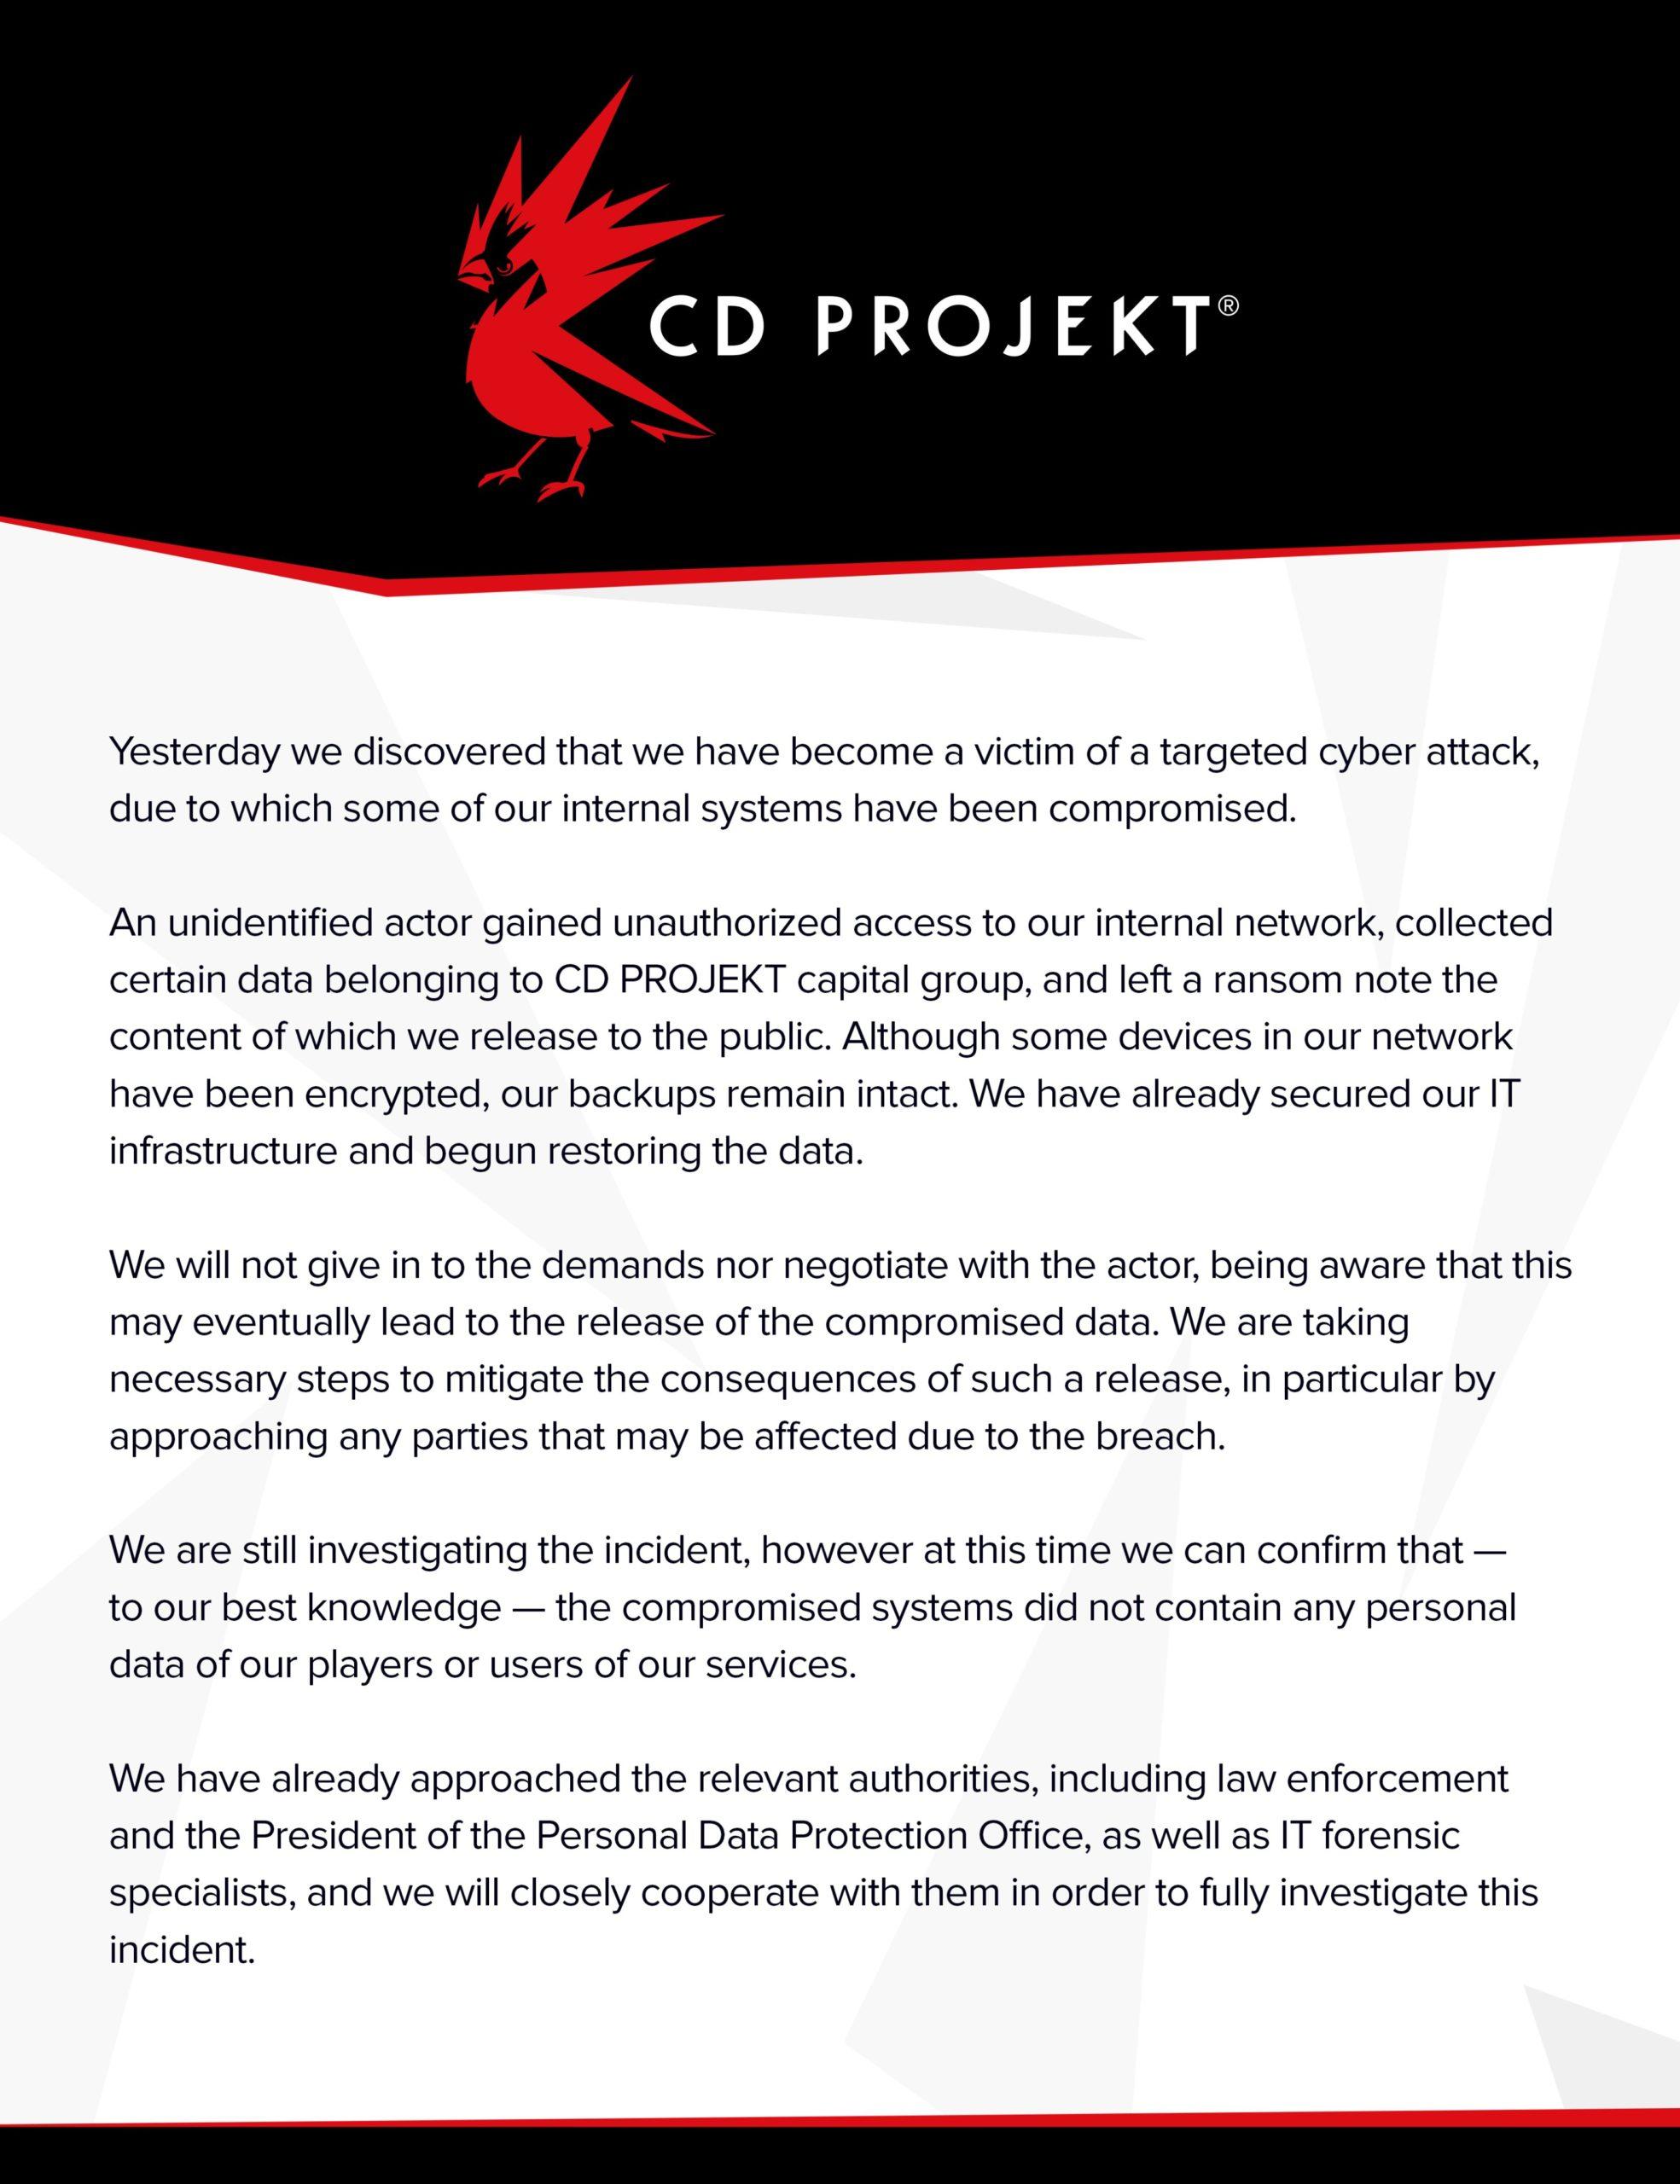 CD Projekt čelí masivnímu úniku dat a vydírání EtxNu UXEAE06Mq scaled